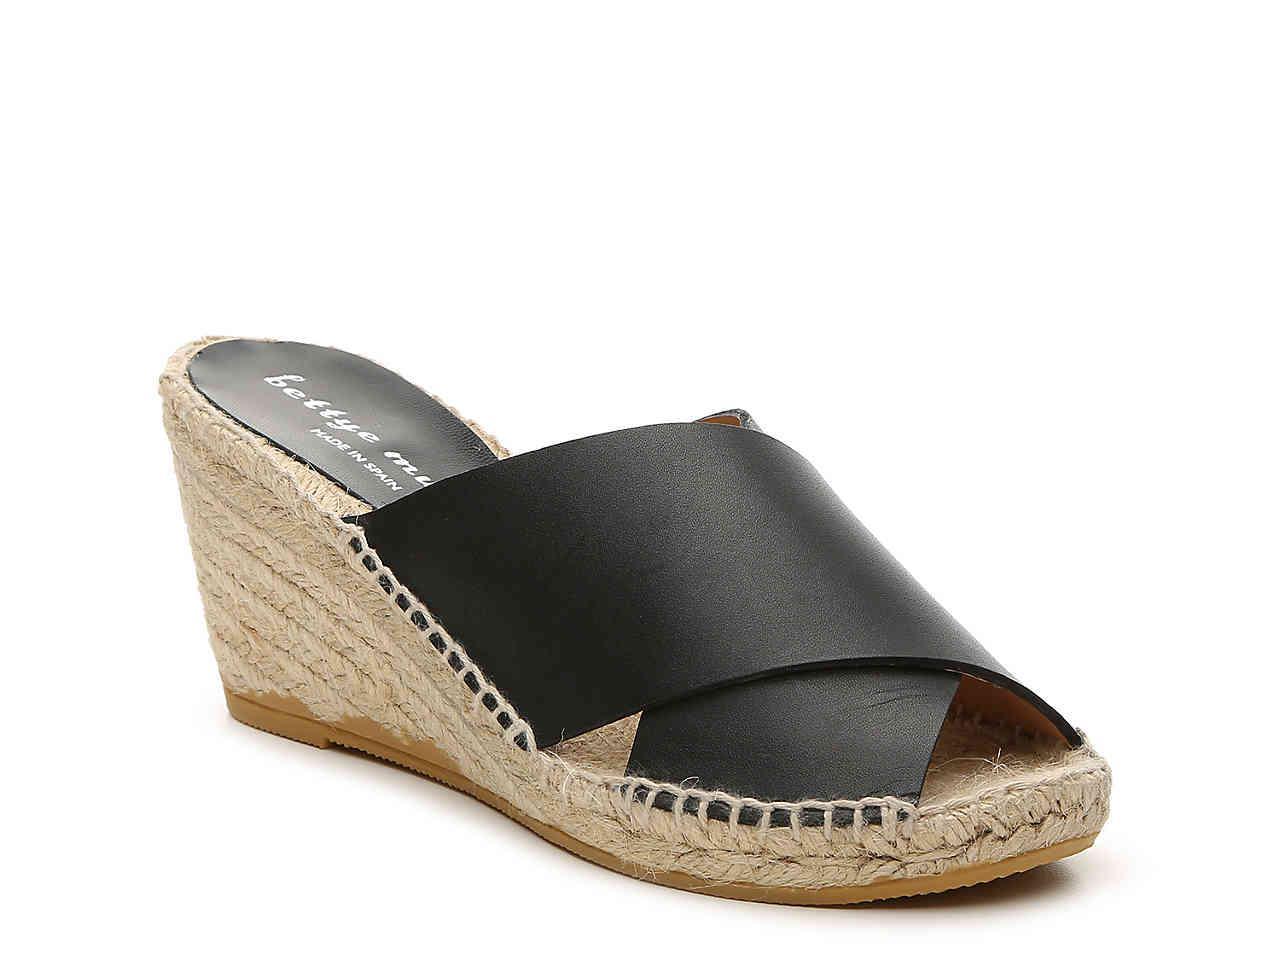 0a903e0bdd5 Lyst - Bettye By Bettye Muller Dijon Wedge Sandal in Black